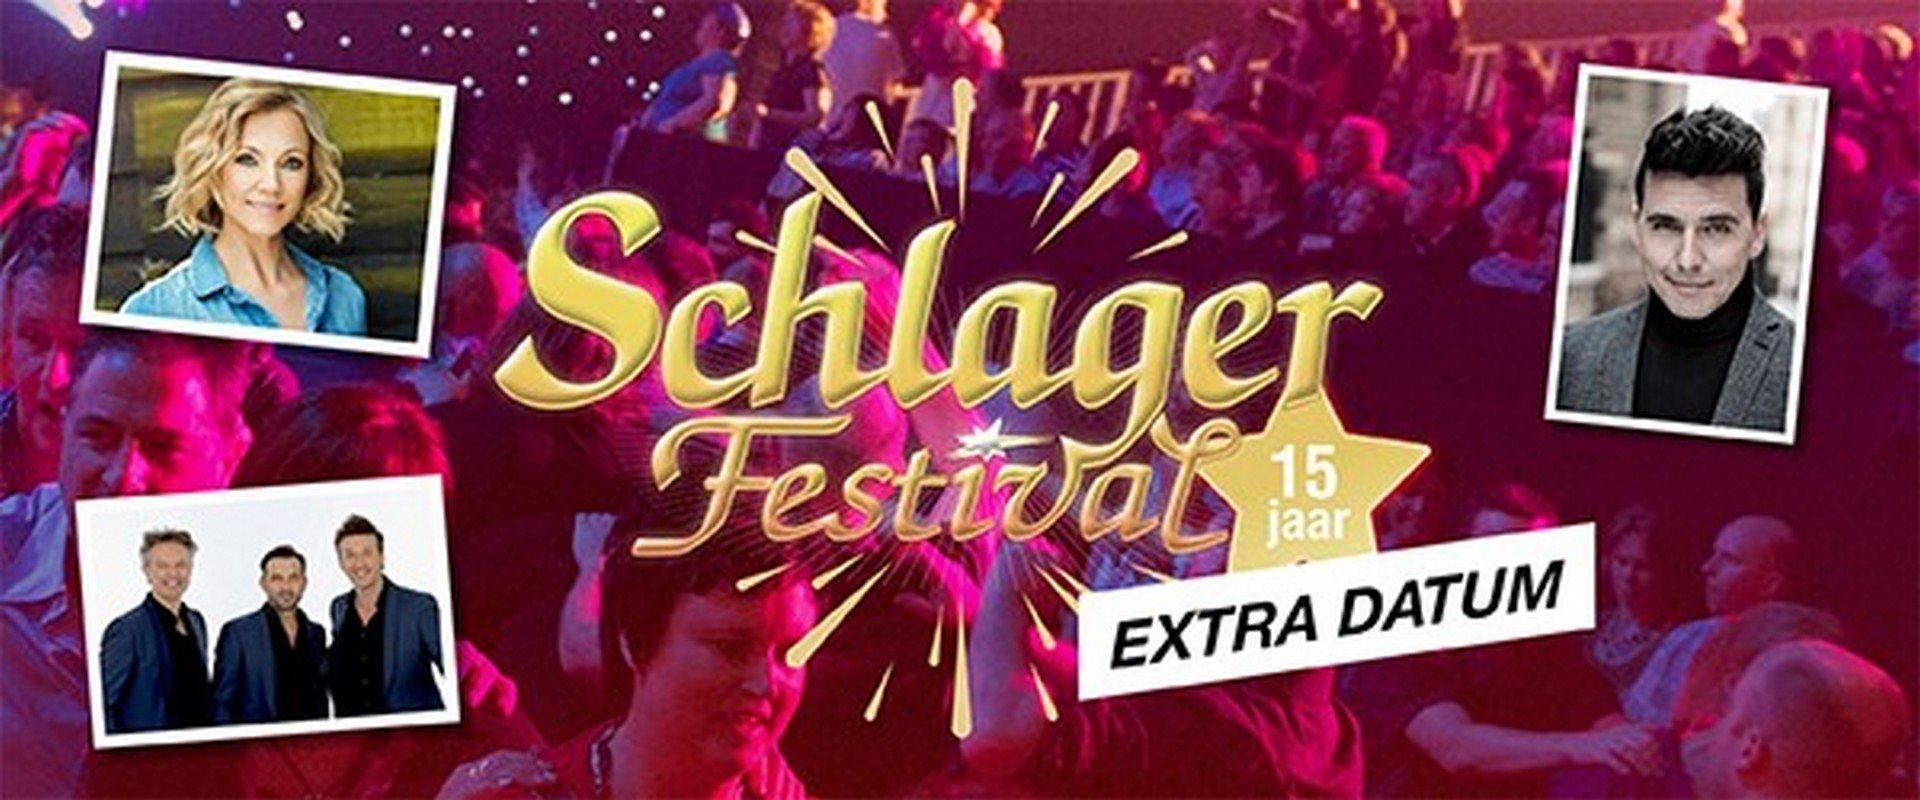 Extra datum voor 15 jaar Het Schlagerfestival! - extra datum Schlagerfestival